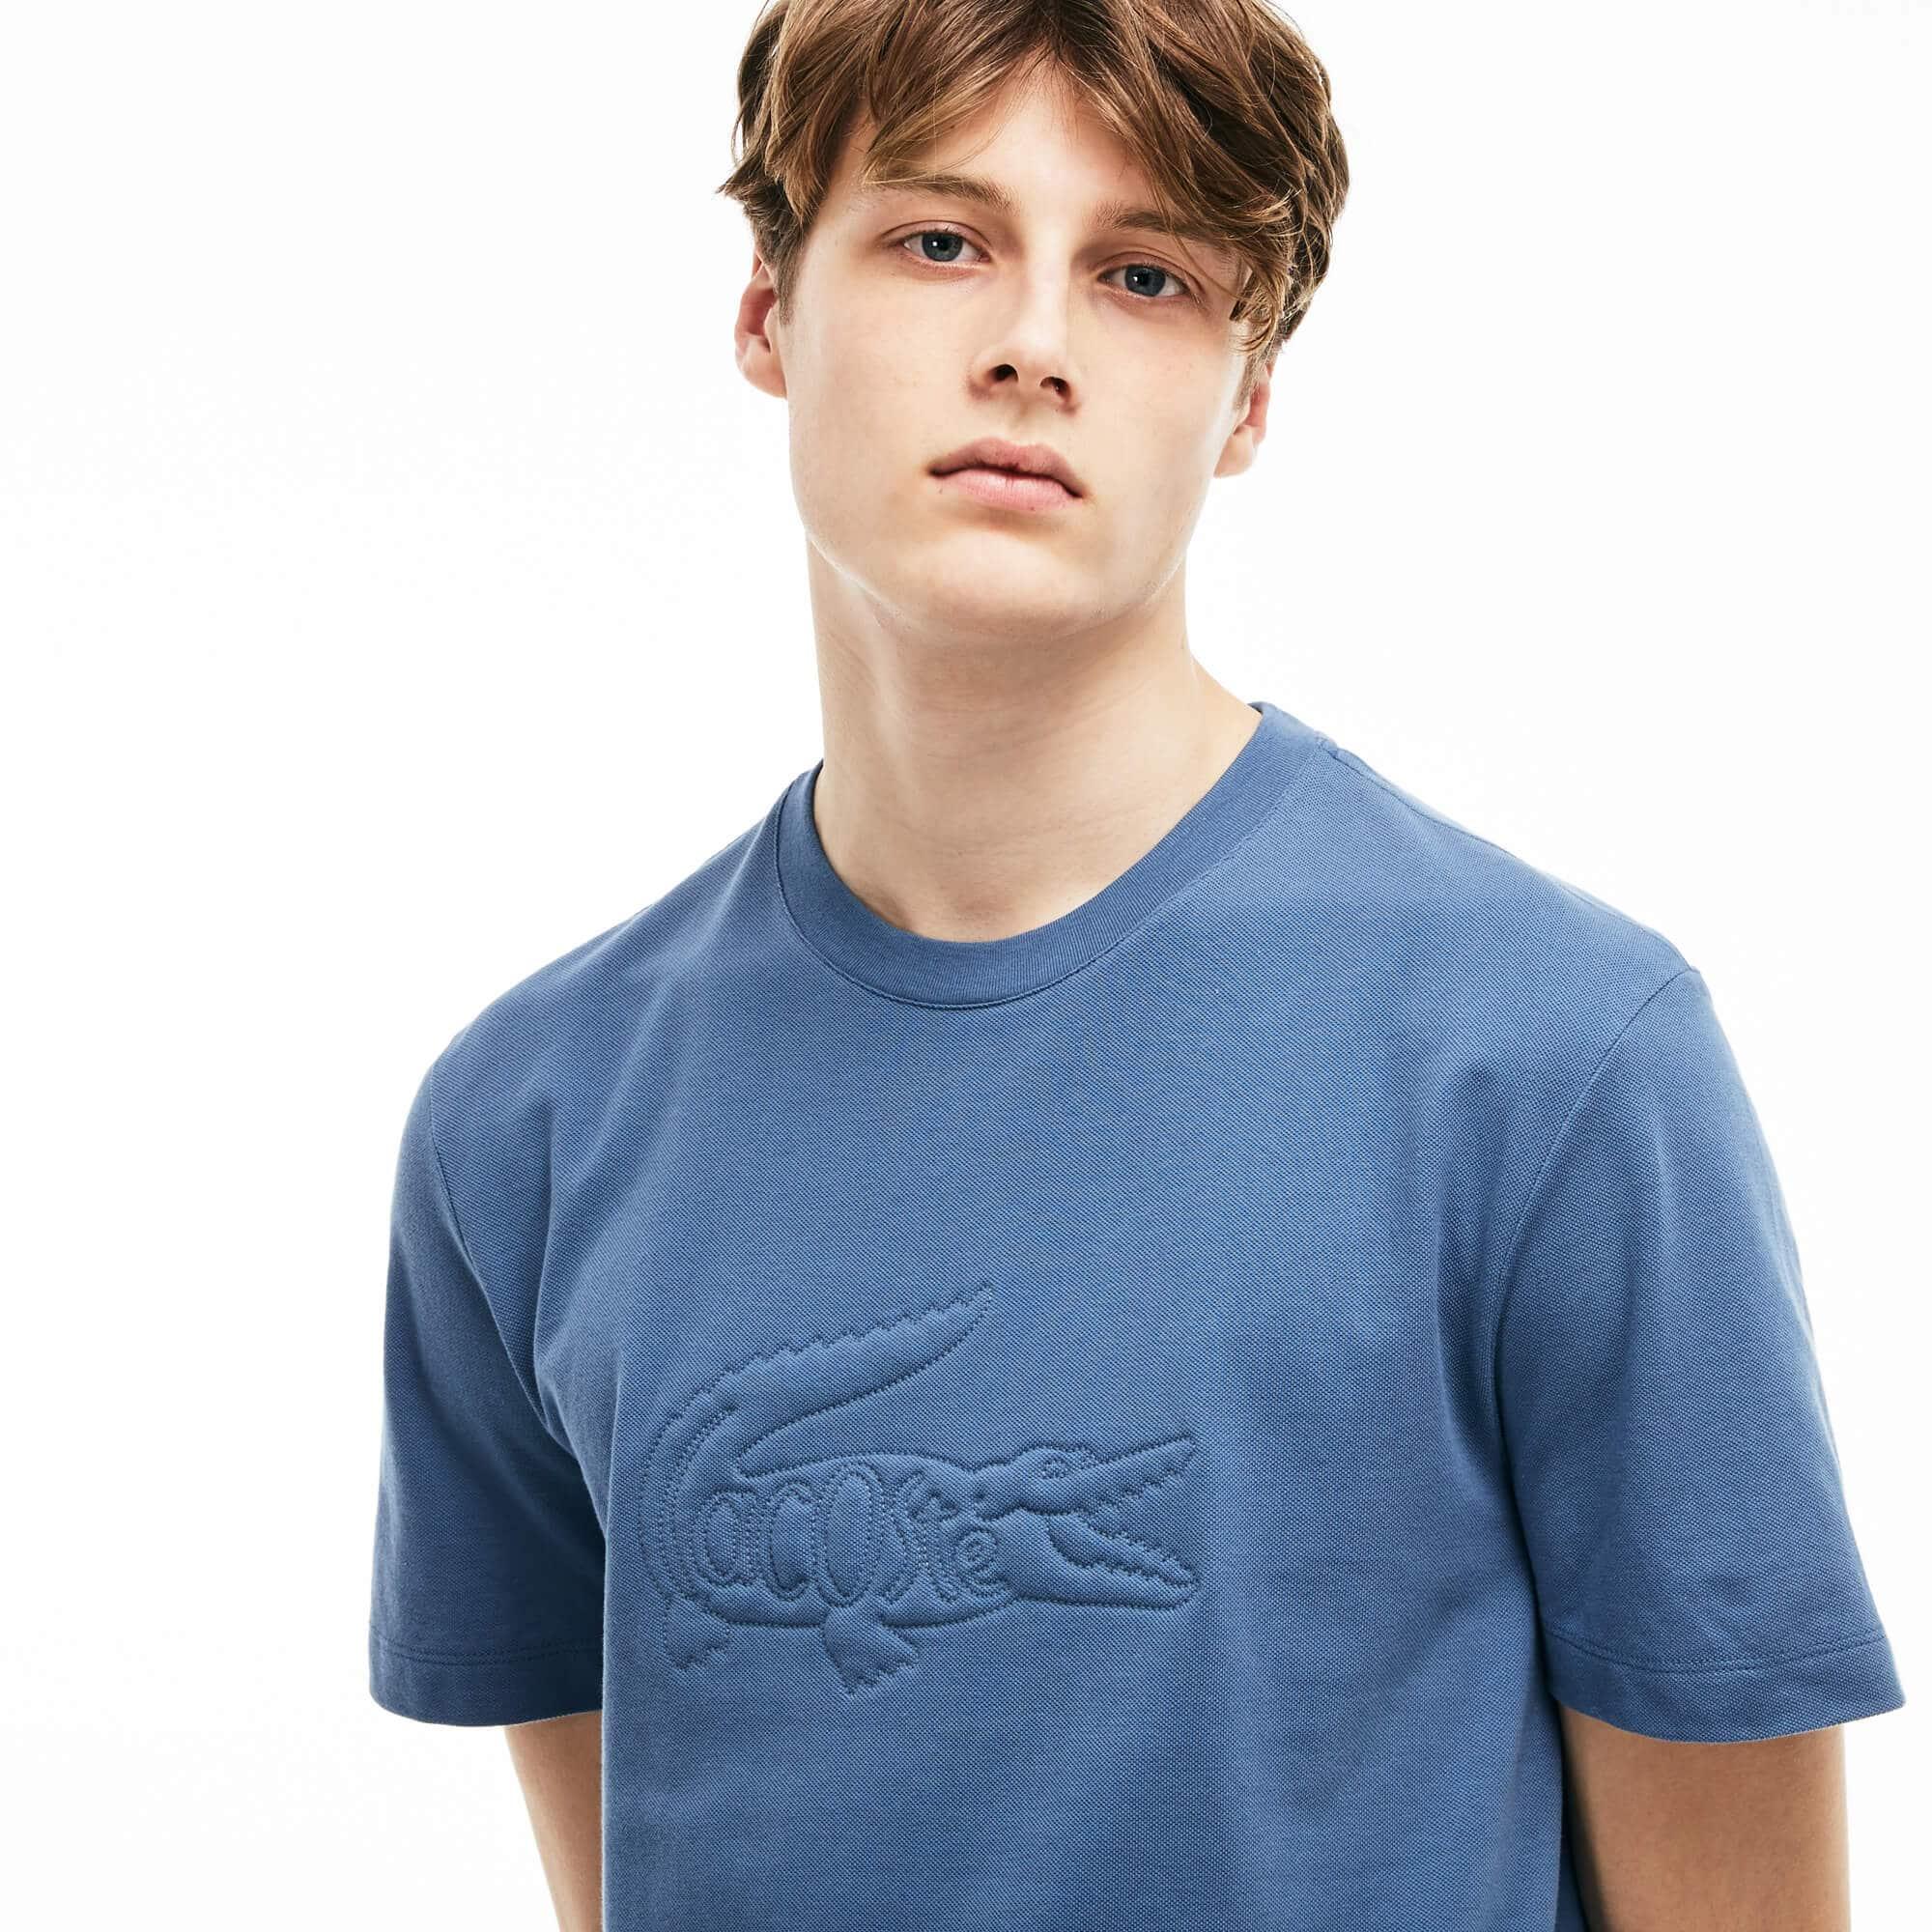 Camiseta Bordado Cocodrilo 3D